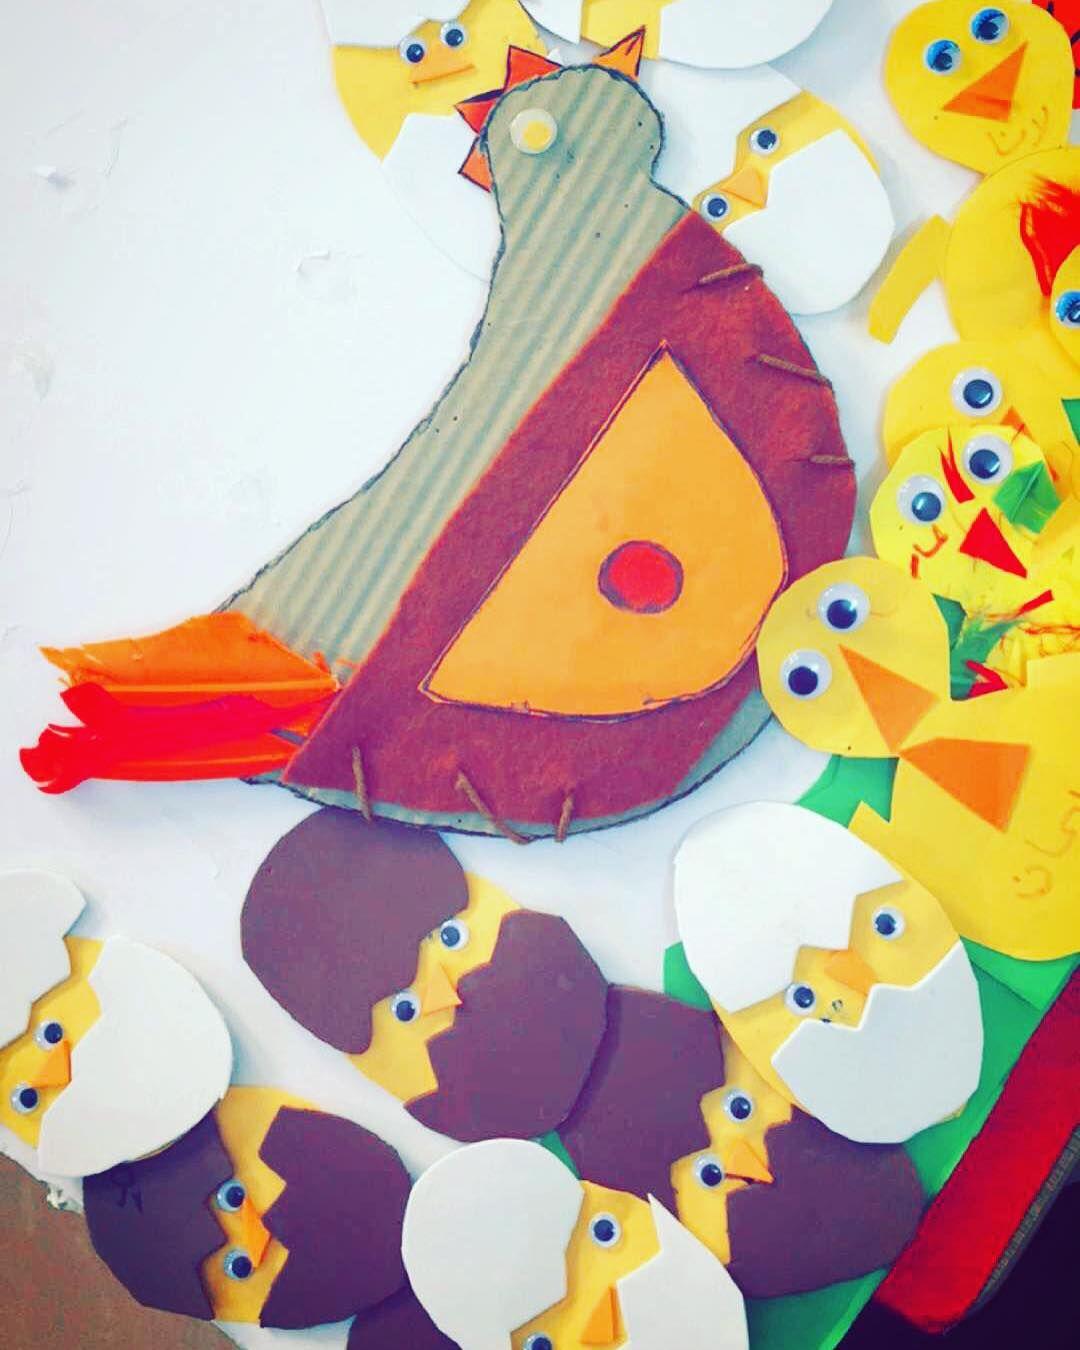 غ راس م عل مة On Instagram مراحل نمو الدجاجه وحدة العائله الركن الفني Kids Rugs Instagram Posts Decor